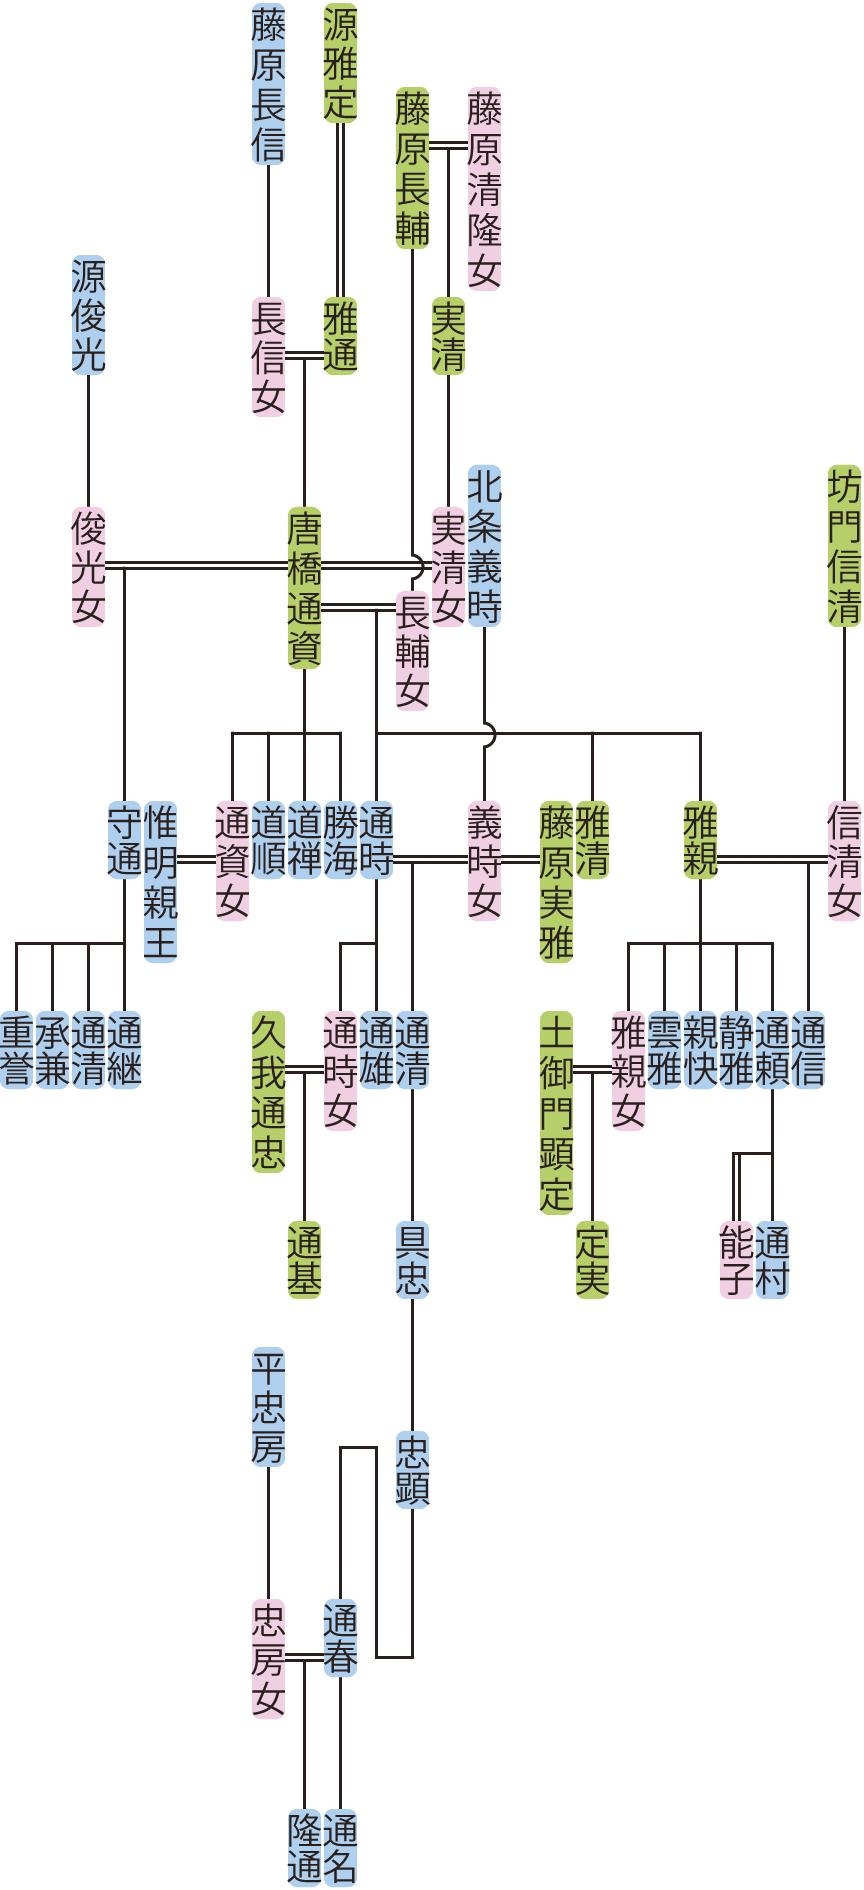 唐橋通資の系図